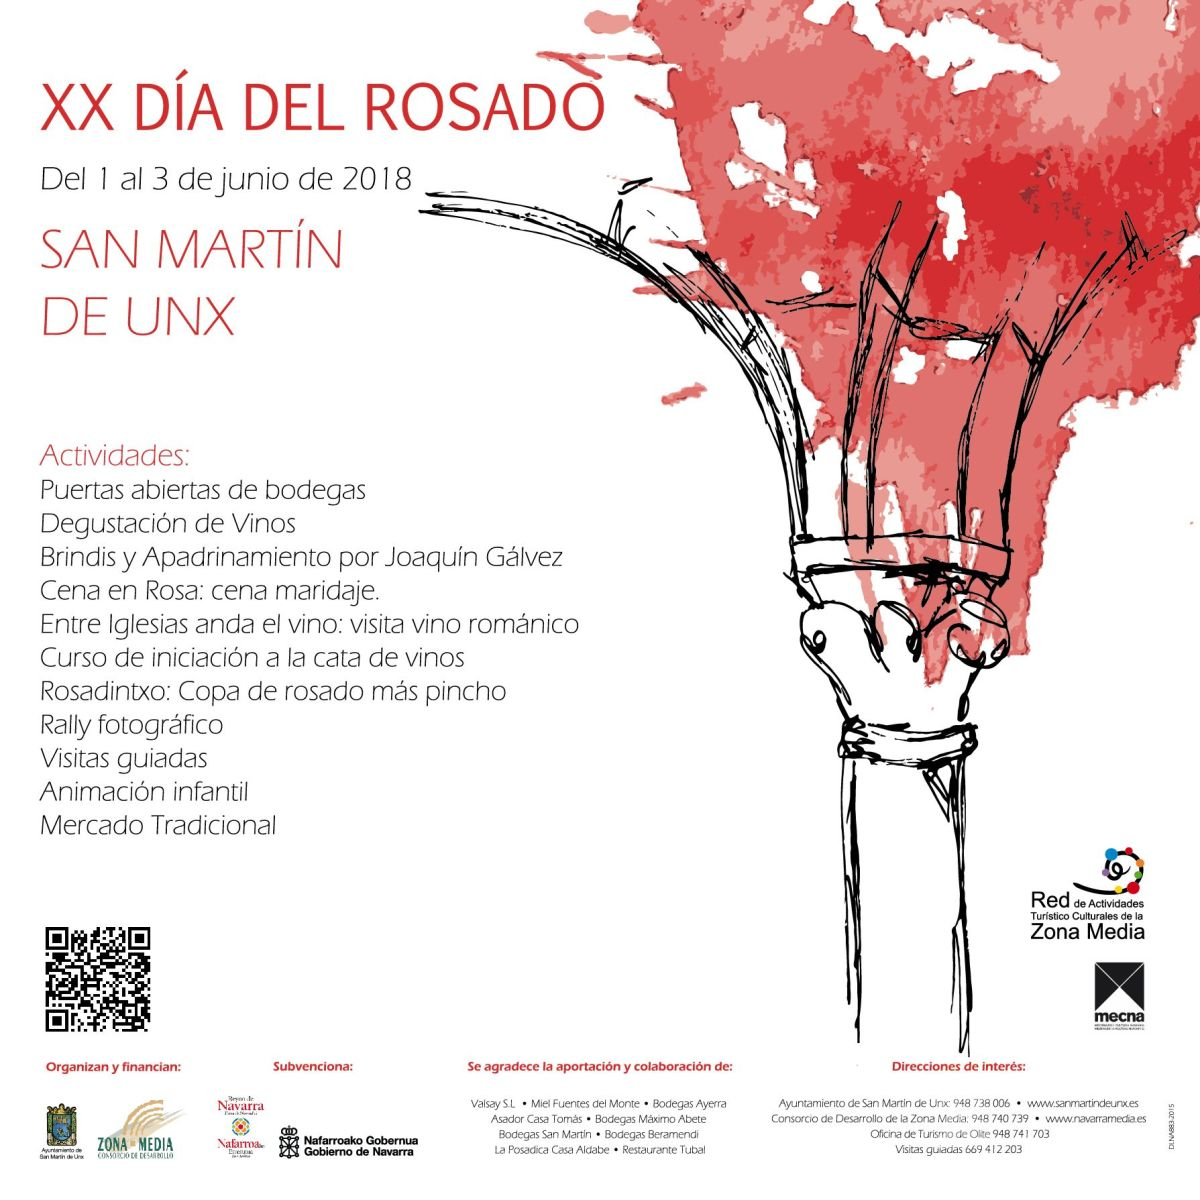 XX Día del Rosado de San Martín de Unx